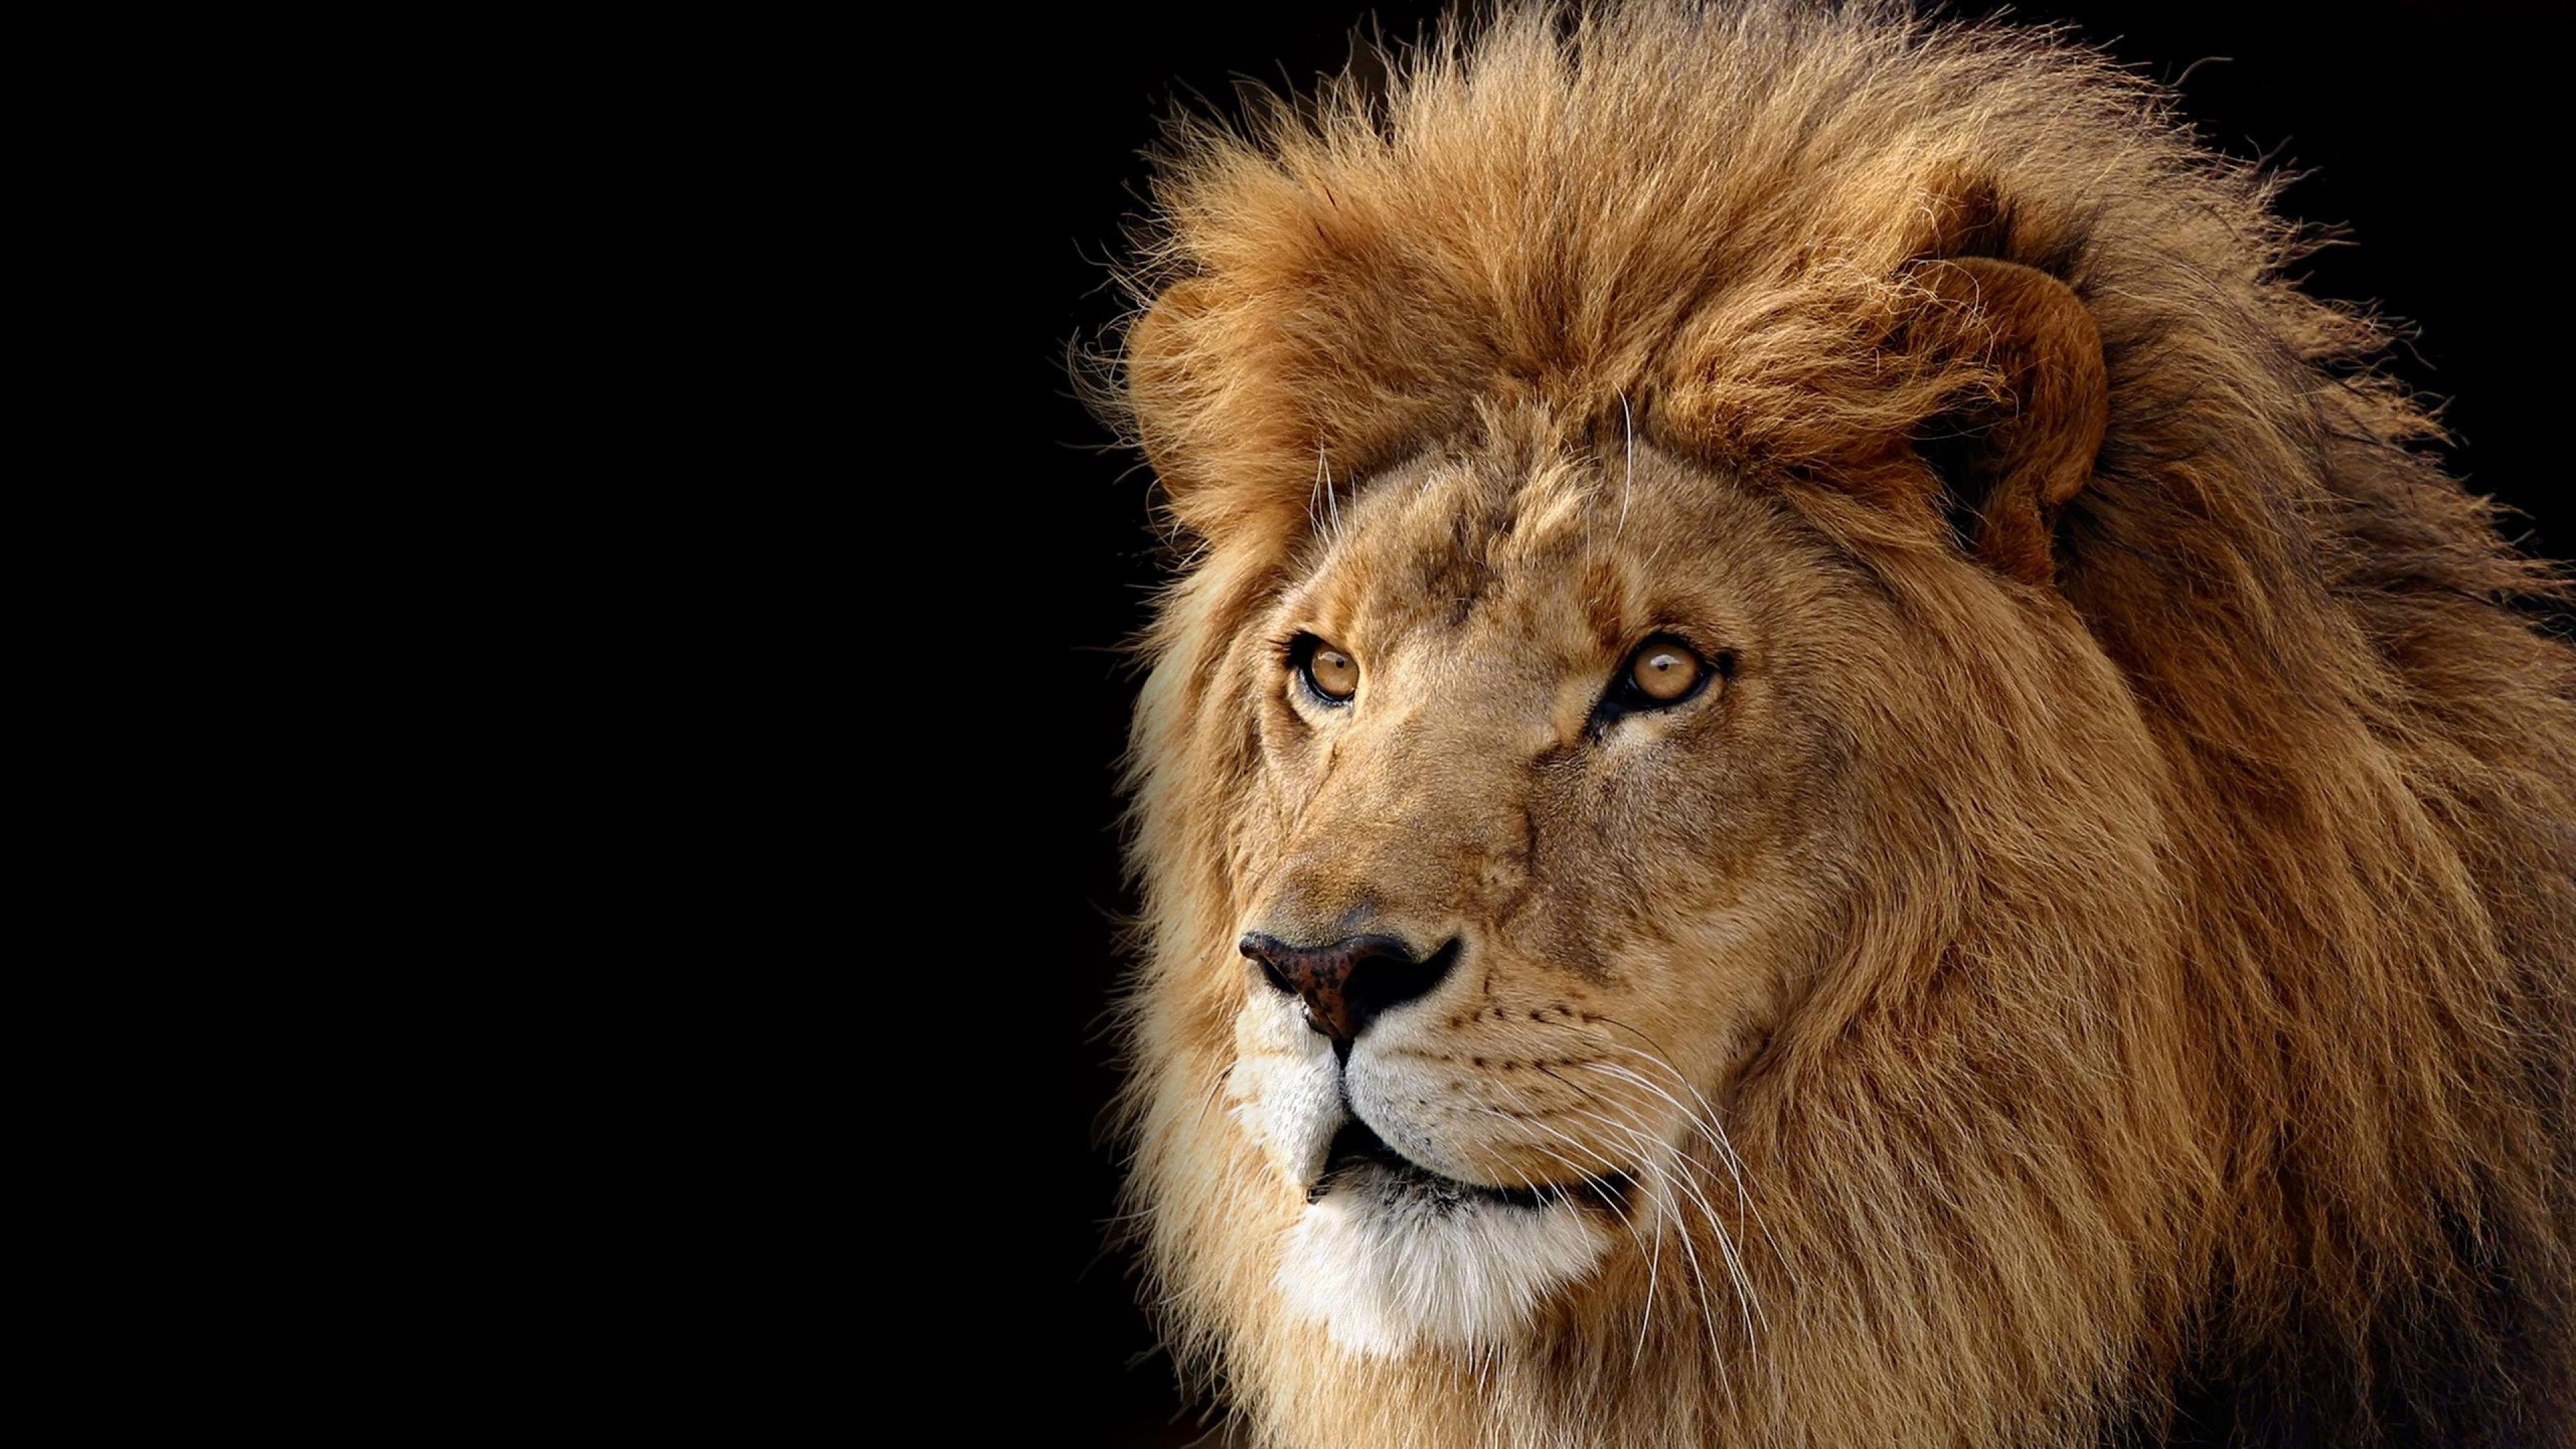 Lion Hd Wallpaper Lion Wallpaper Lion Images